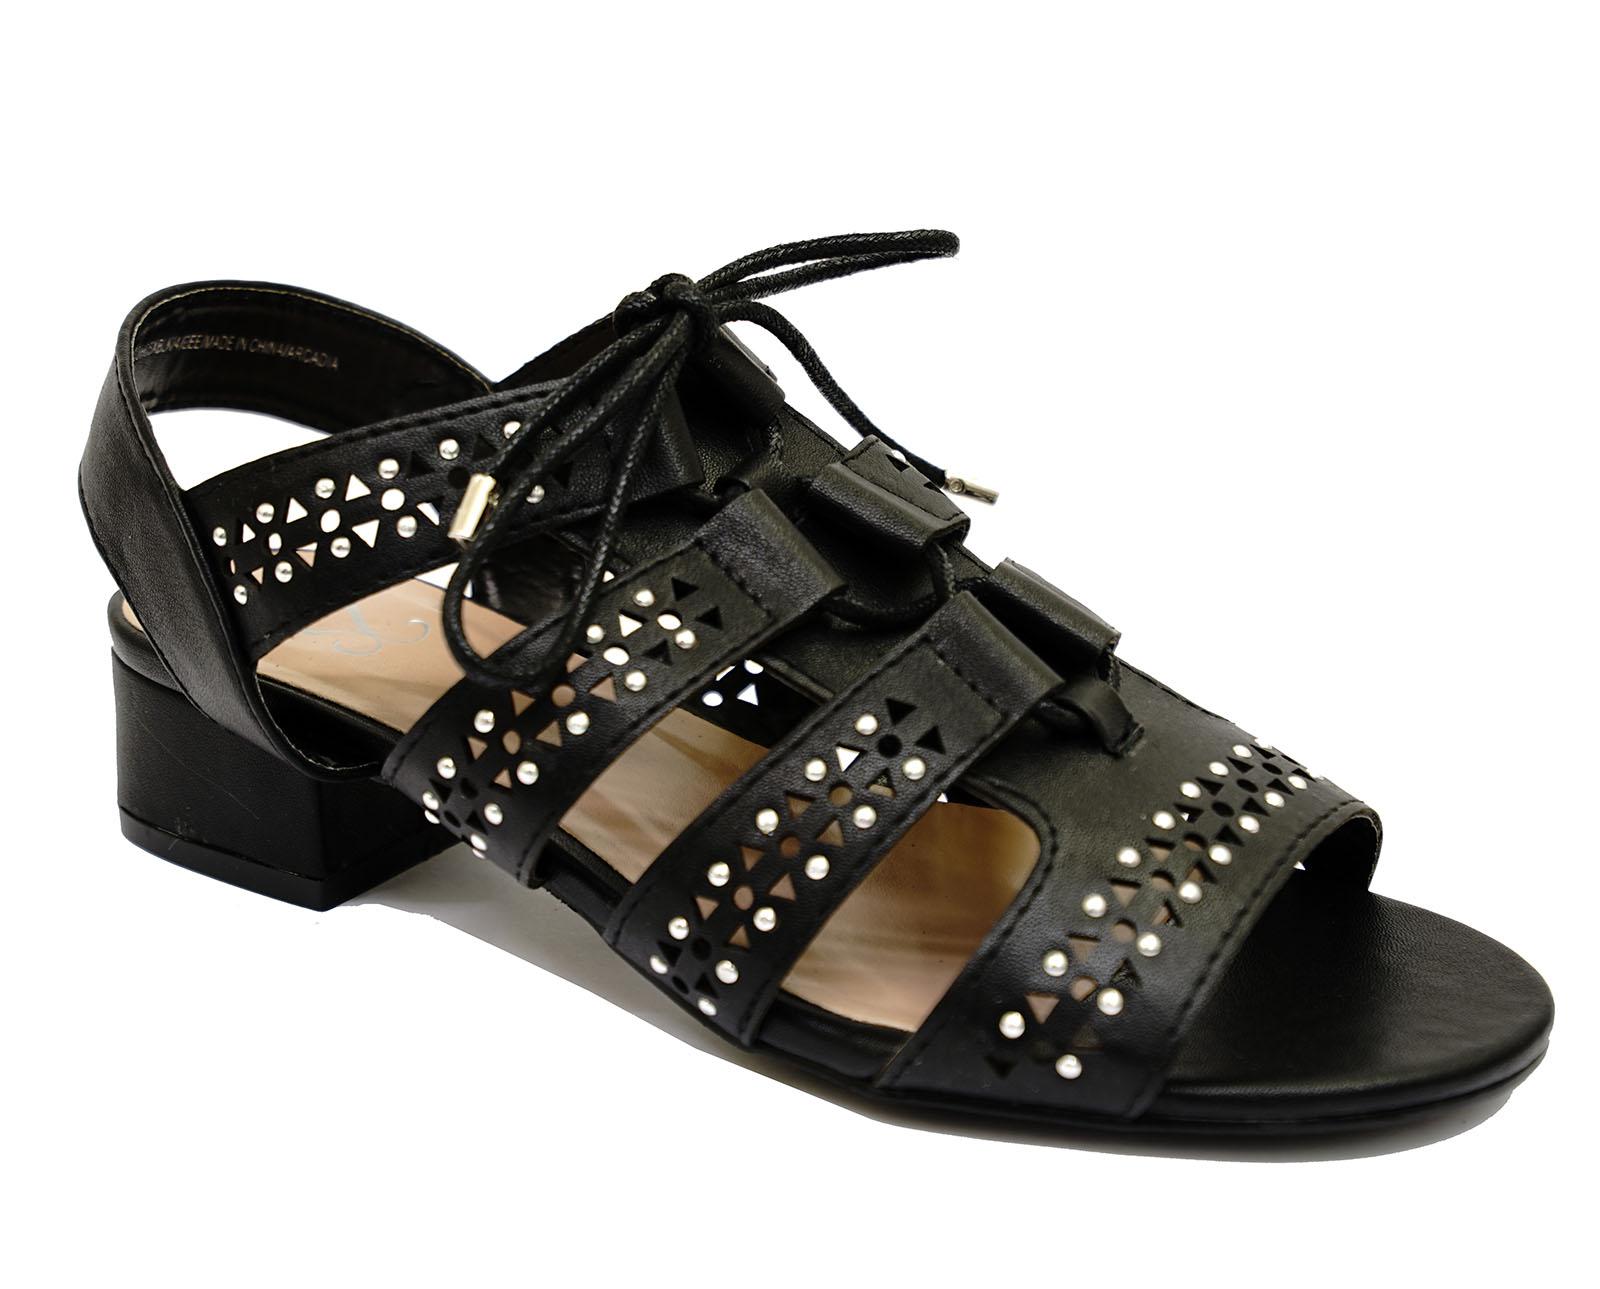 Black Wedge Shoes Eee